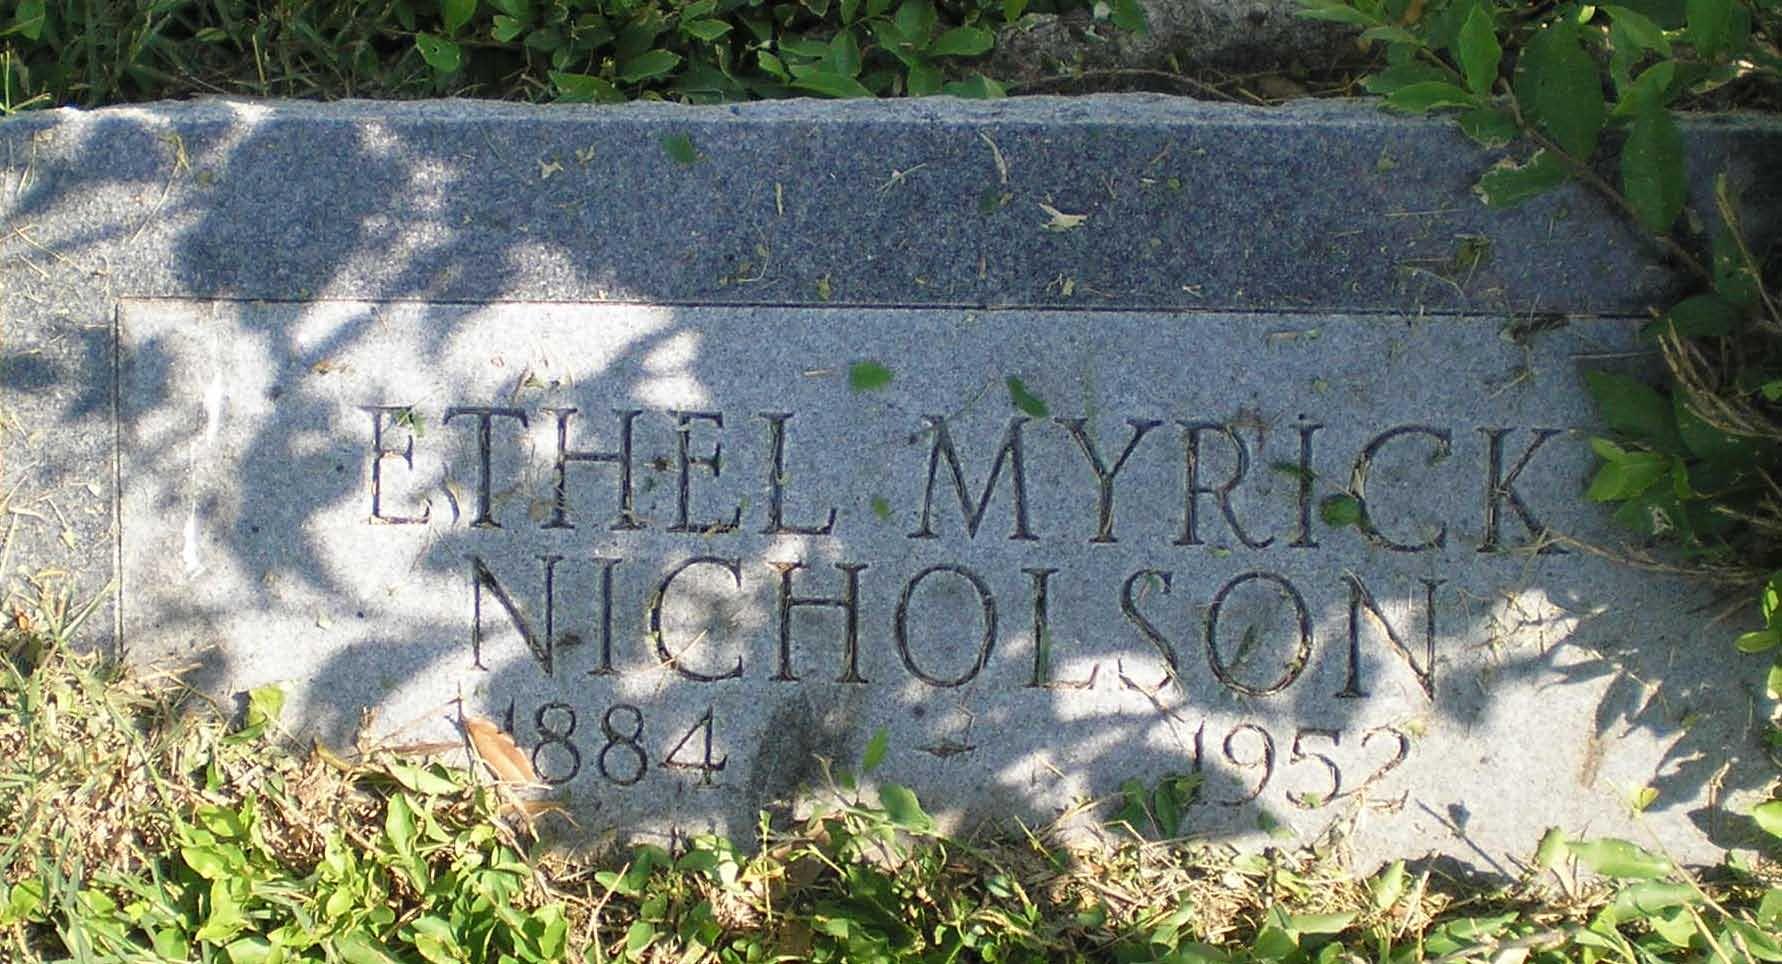 Ethel C. <i>Myrick</i> Nicholson